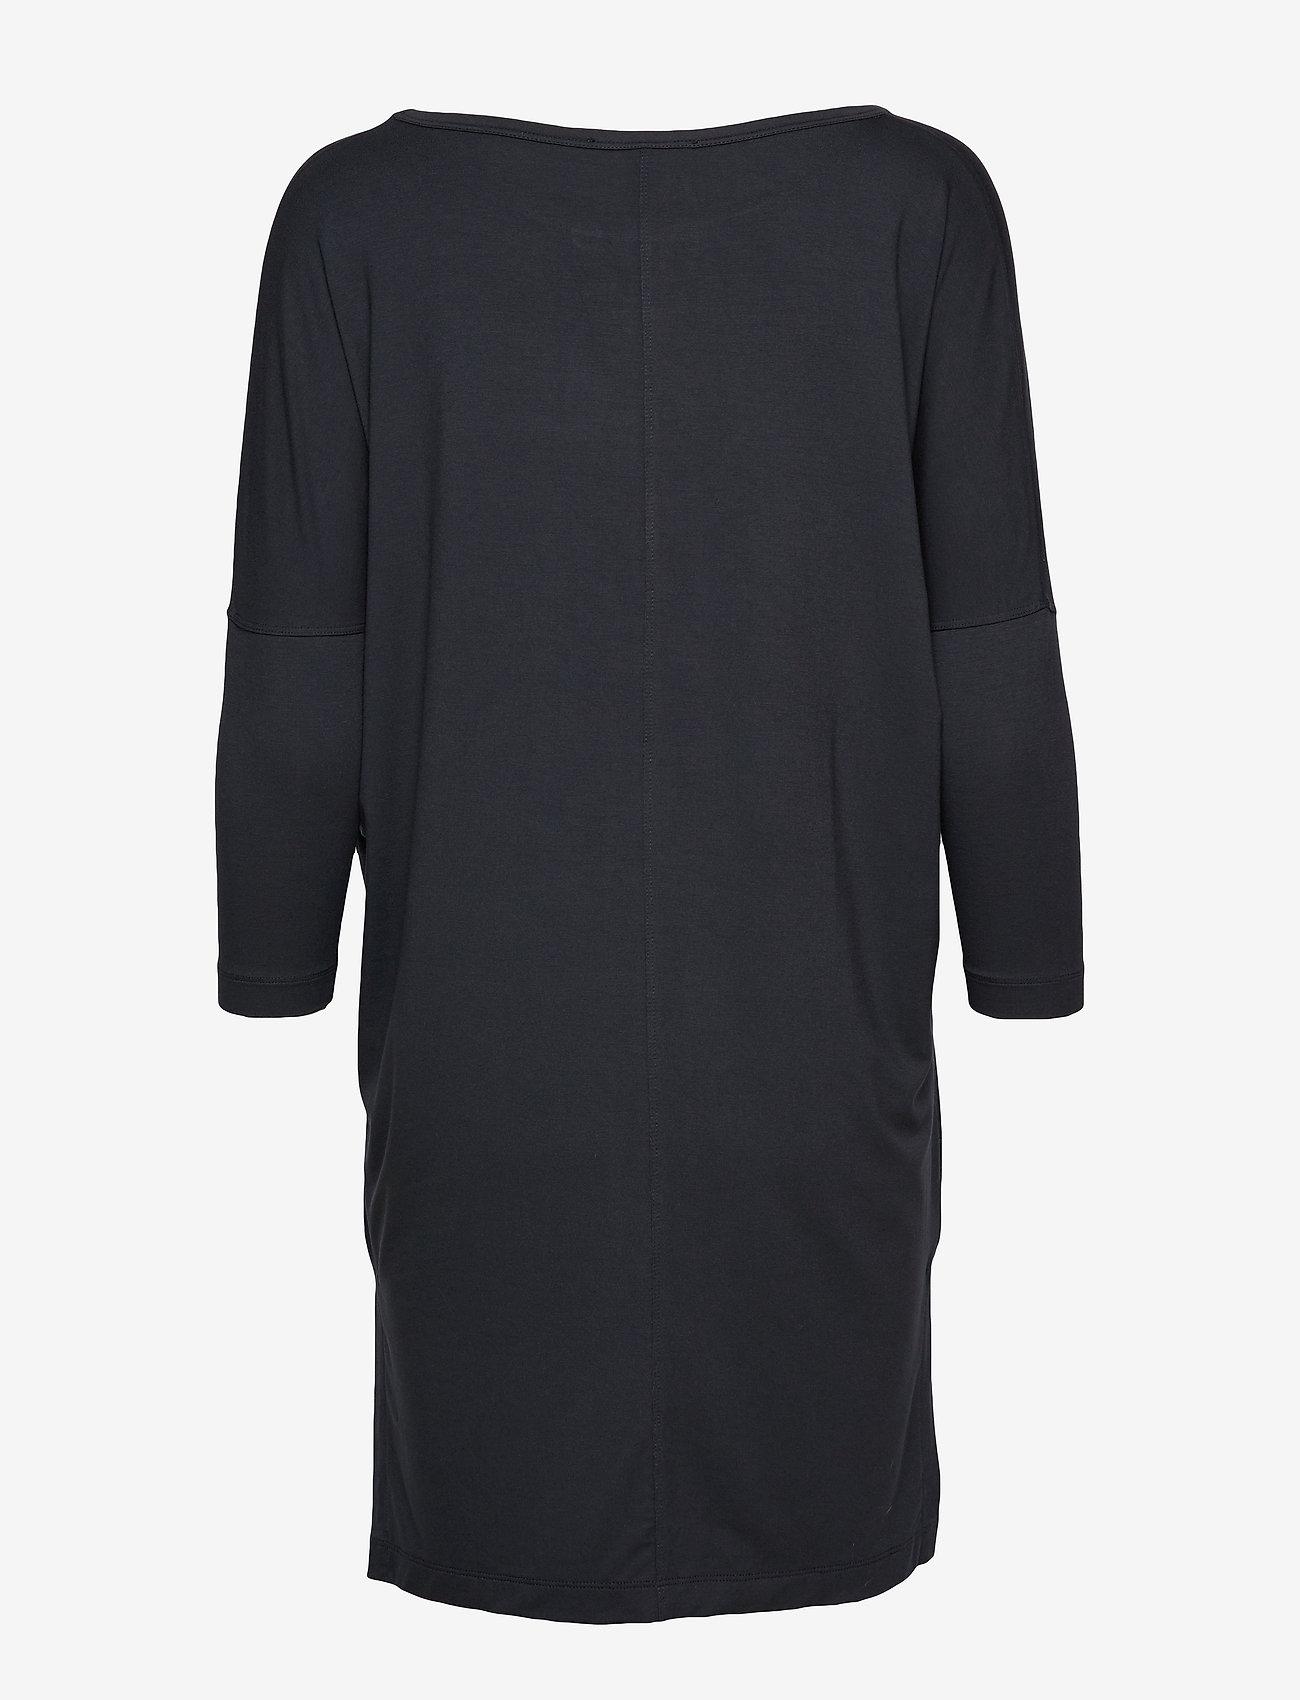 Ilse Jacobsen T-SHIRT - Sukienki DARK INDIGO - Kobiety Odzież.